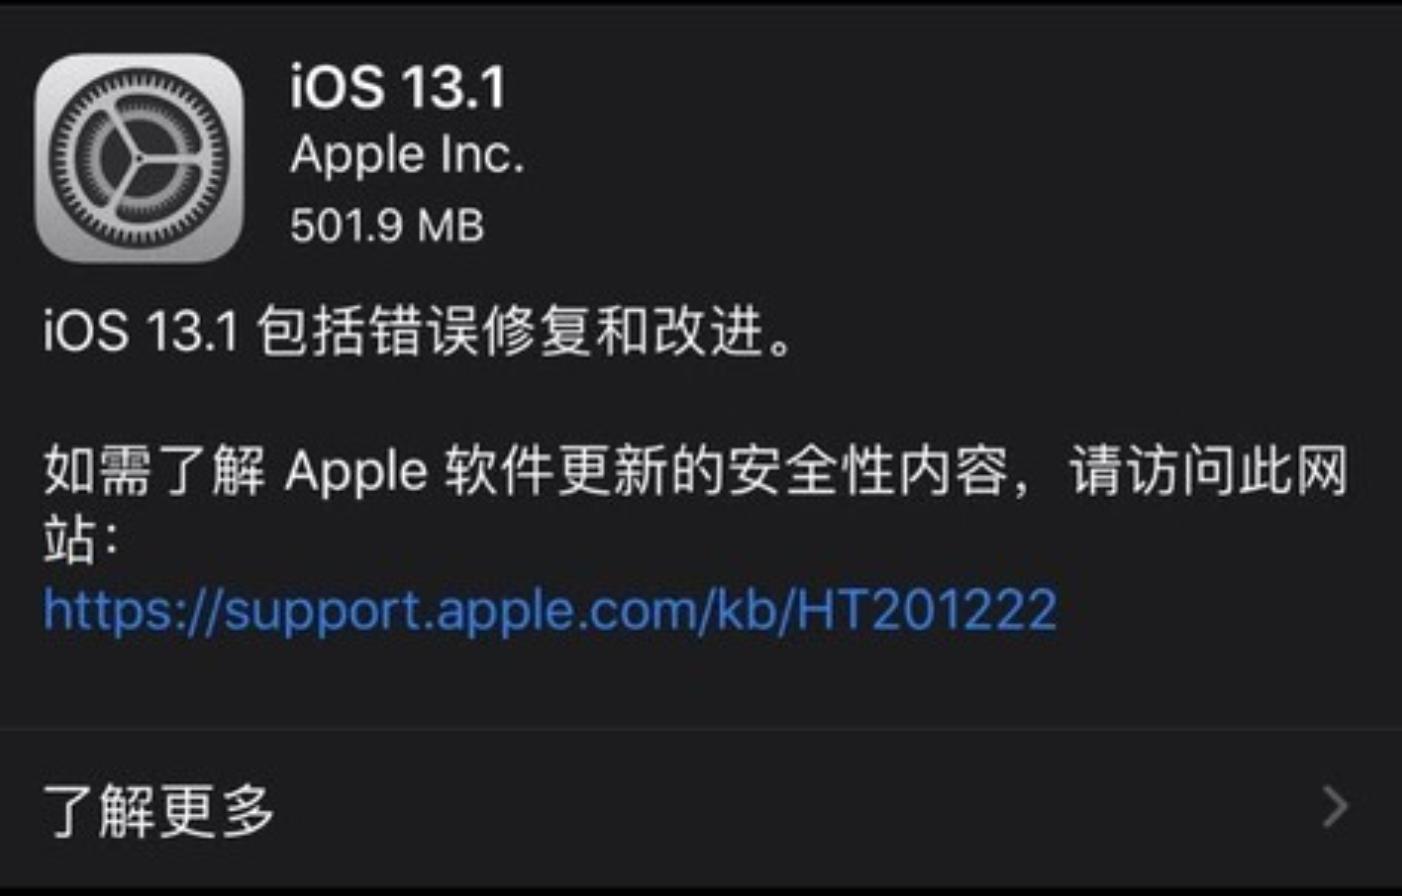 苹果今日推出iOS13.1  bug已被修复